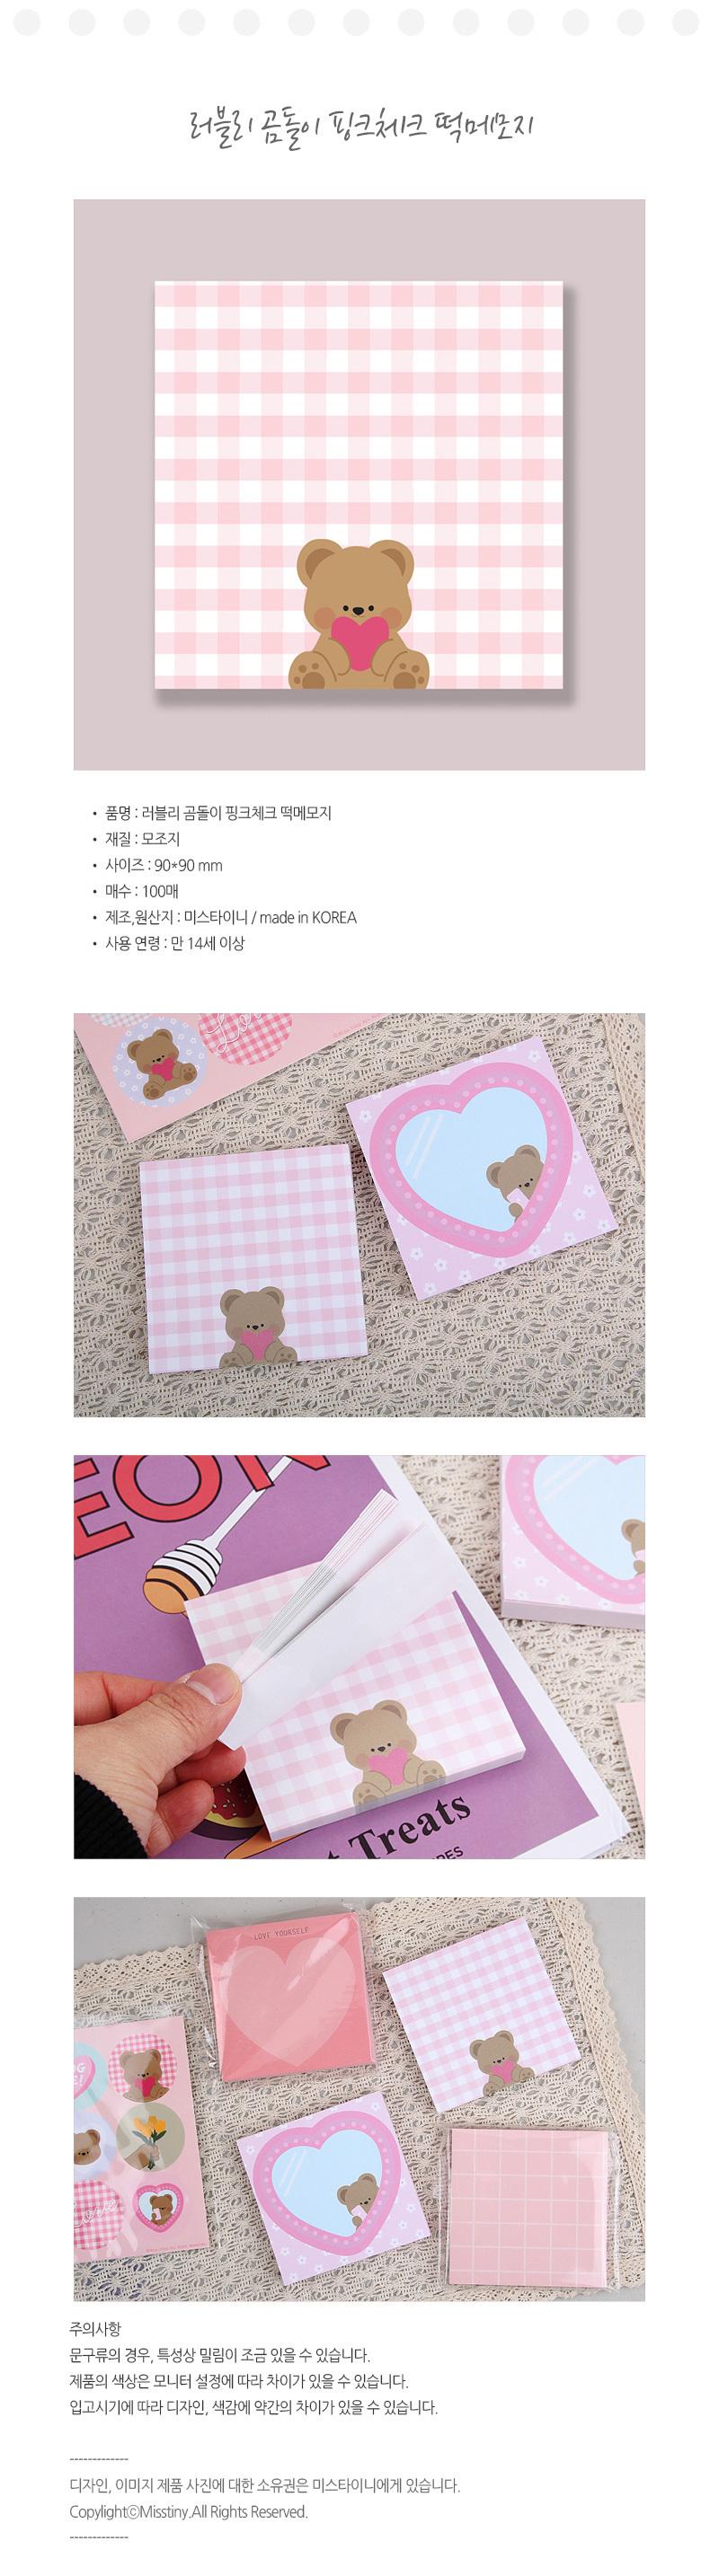 러블리 곰돌이 핑크체크 떡메모지 - 미스타이니, 2,500원, 메모/점착메모, 메모패드